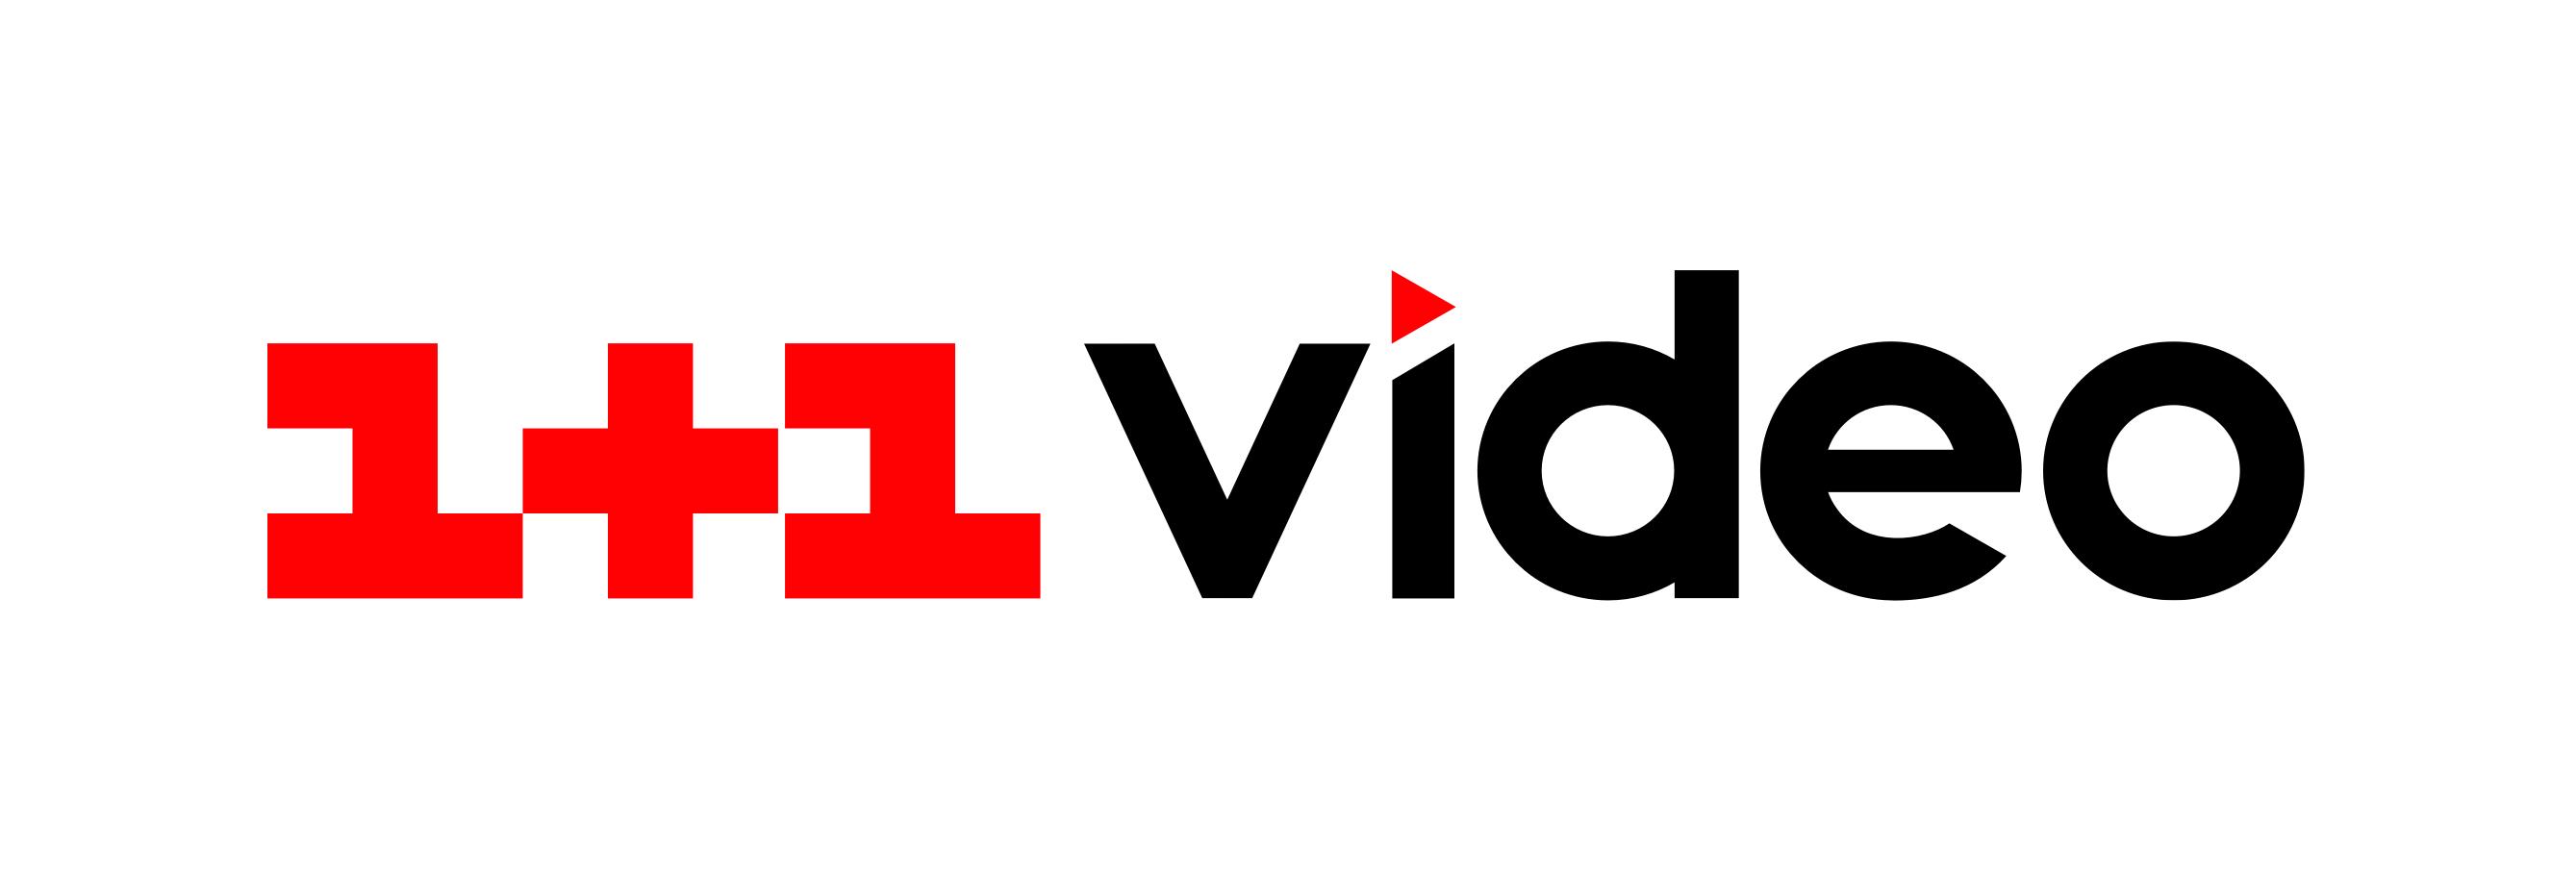 1+1 video_2